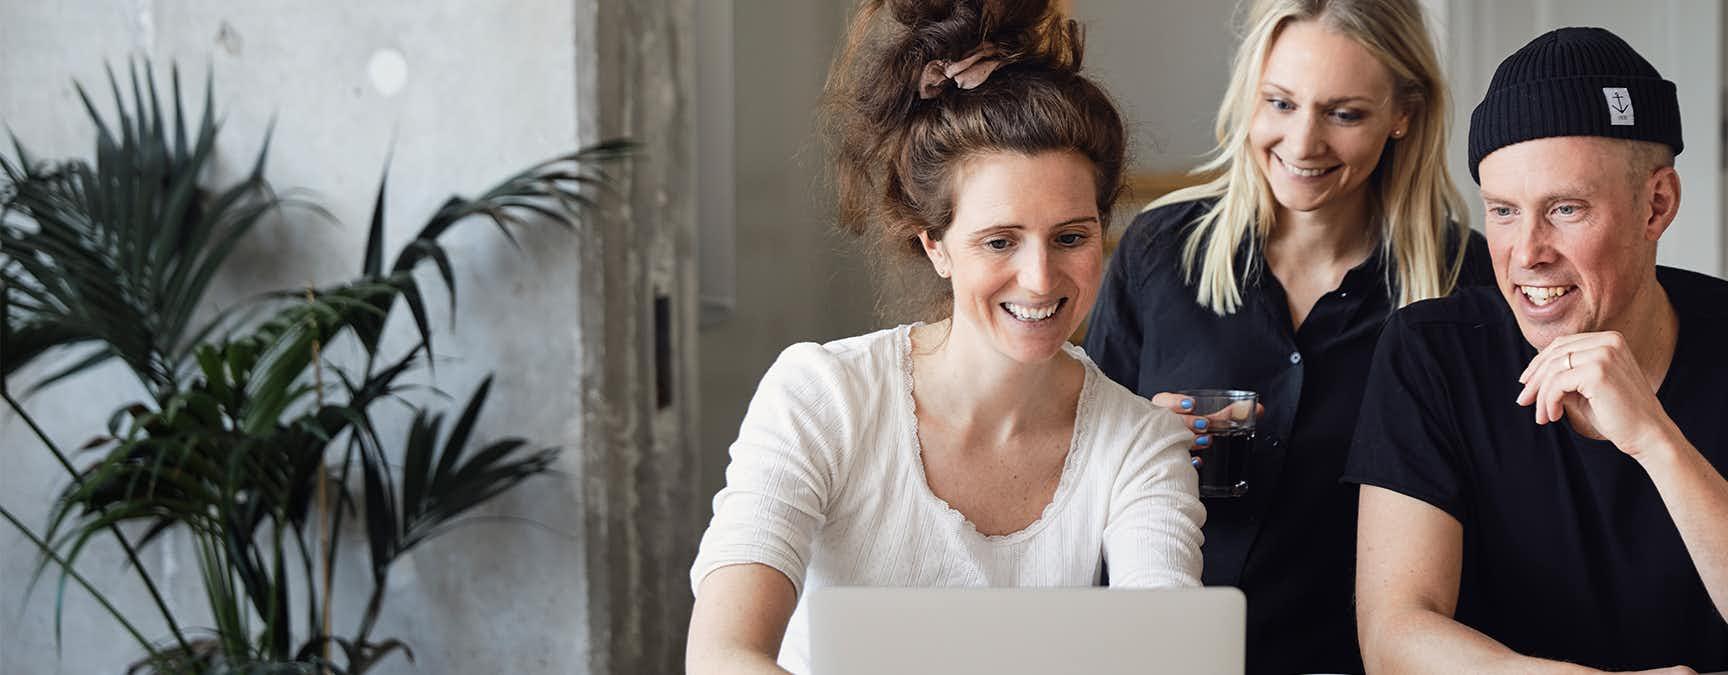 Två kvinnor och en man jobbar framför en dator.